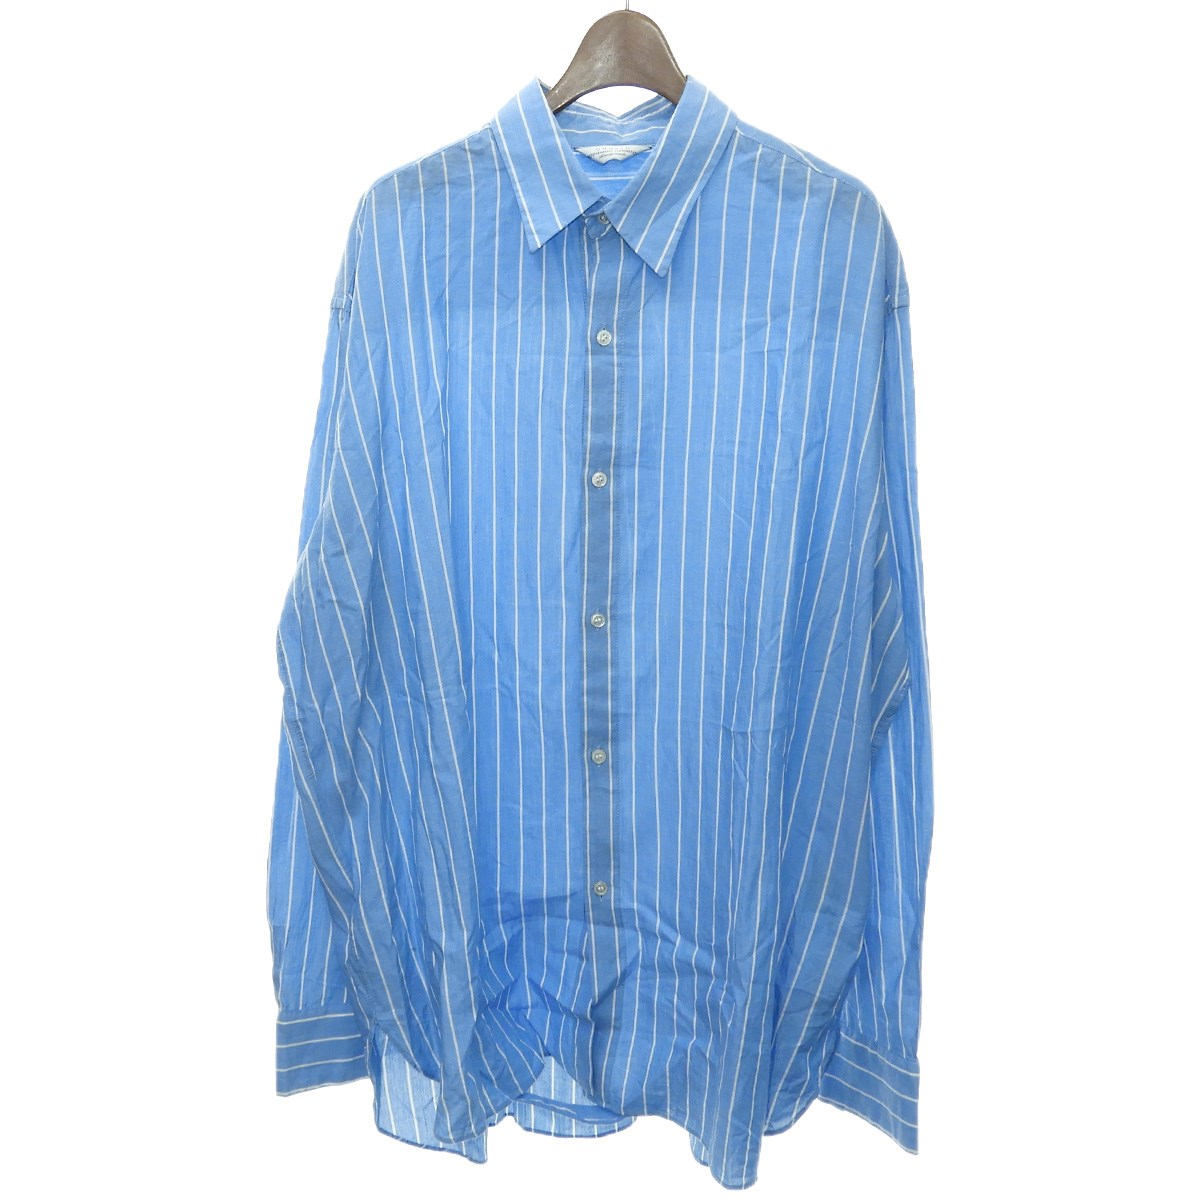 【中古】UNUSED 2017AW「Oversized Shirt」オーバーサイズストライプシャツ ブルー サイズ:3 【130420】(アンユーズド)